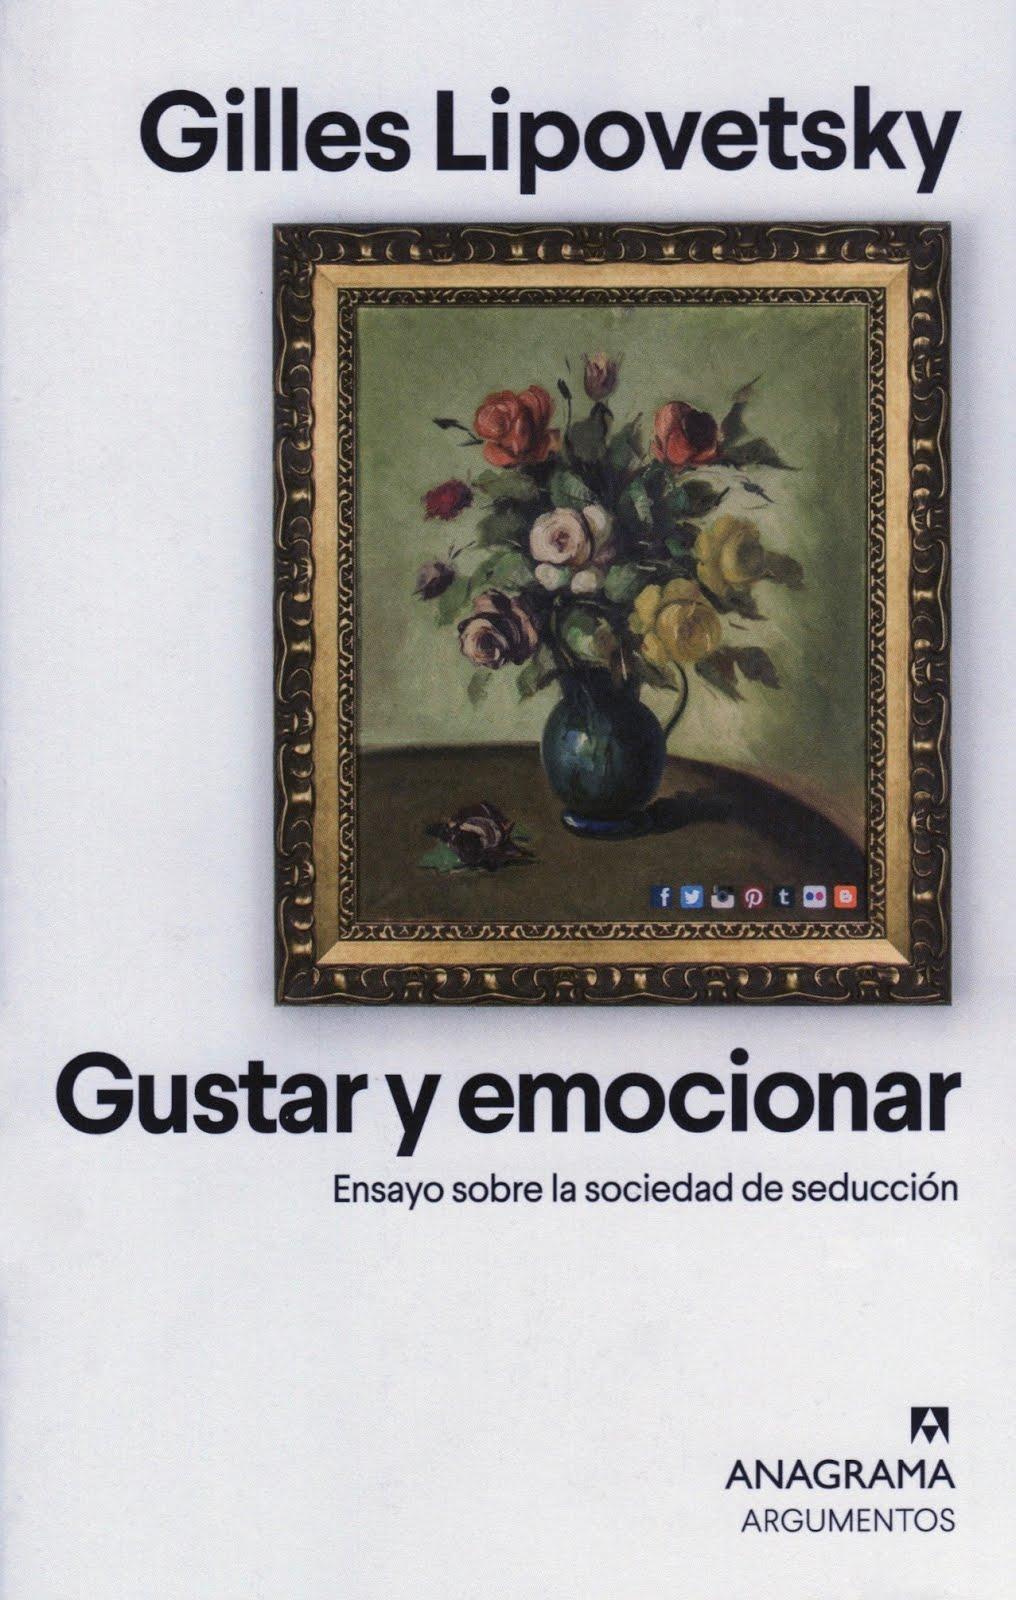 Gilles Lipovetsky (Gustar y emocionar) Ensayo sobre la sociedad de seducción